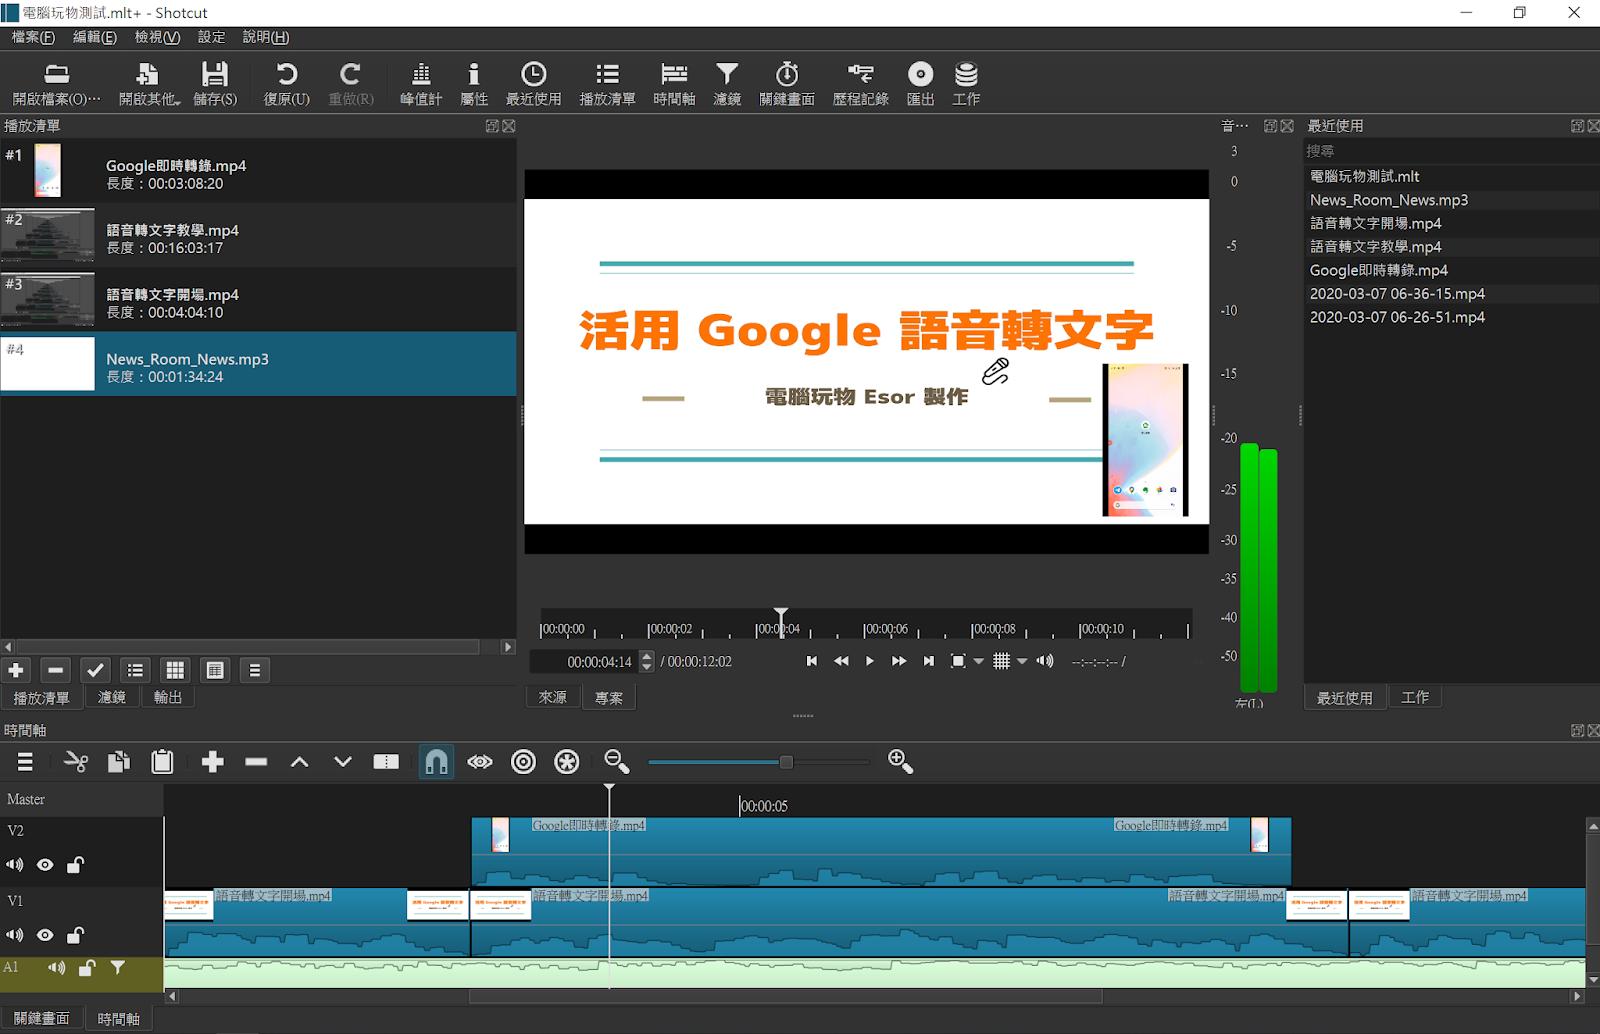 Shotcut 免費中文版影片剪輯軟體教學,效能快,內建影音特效